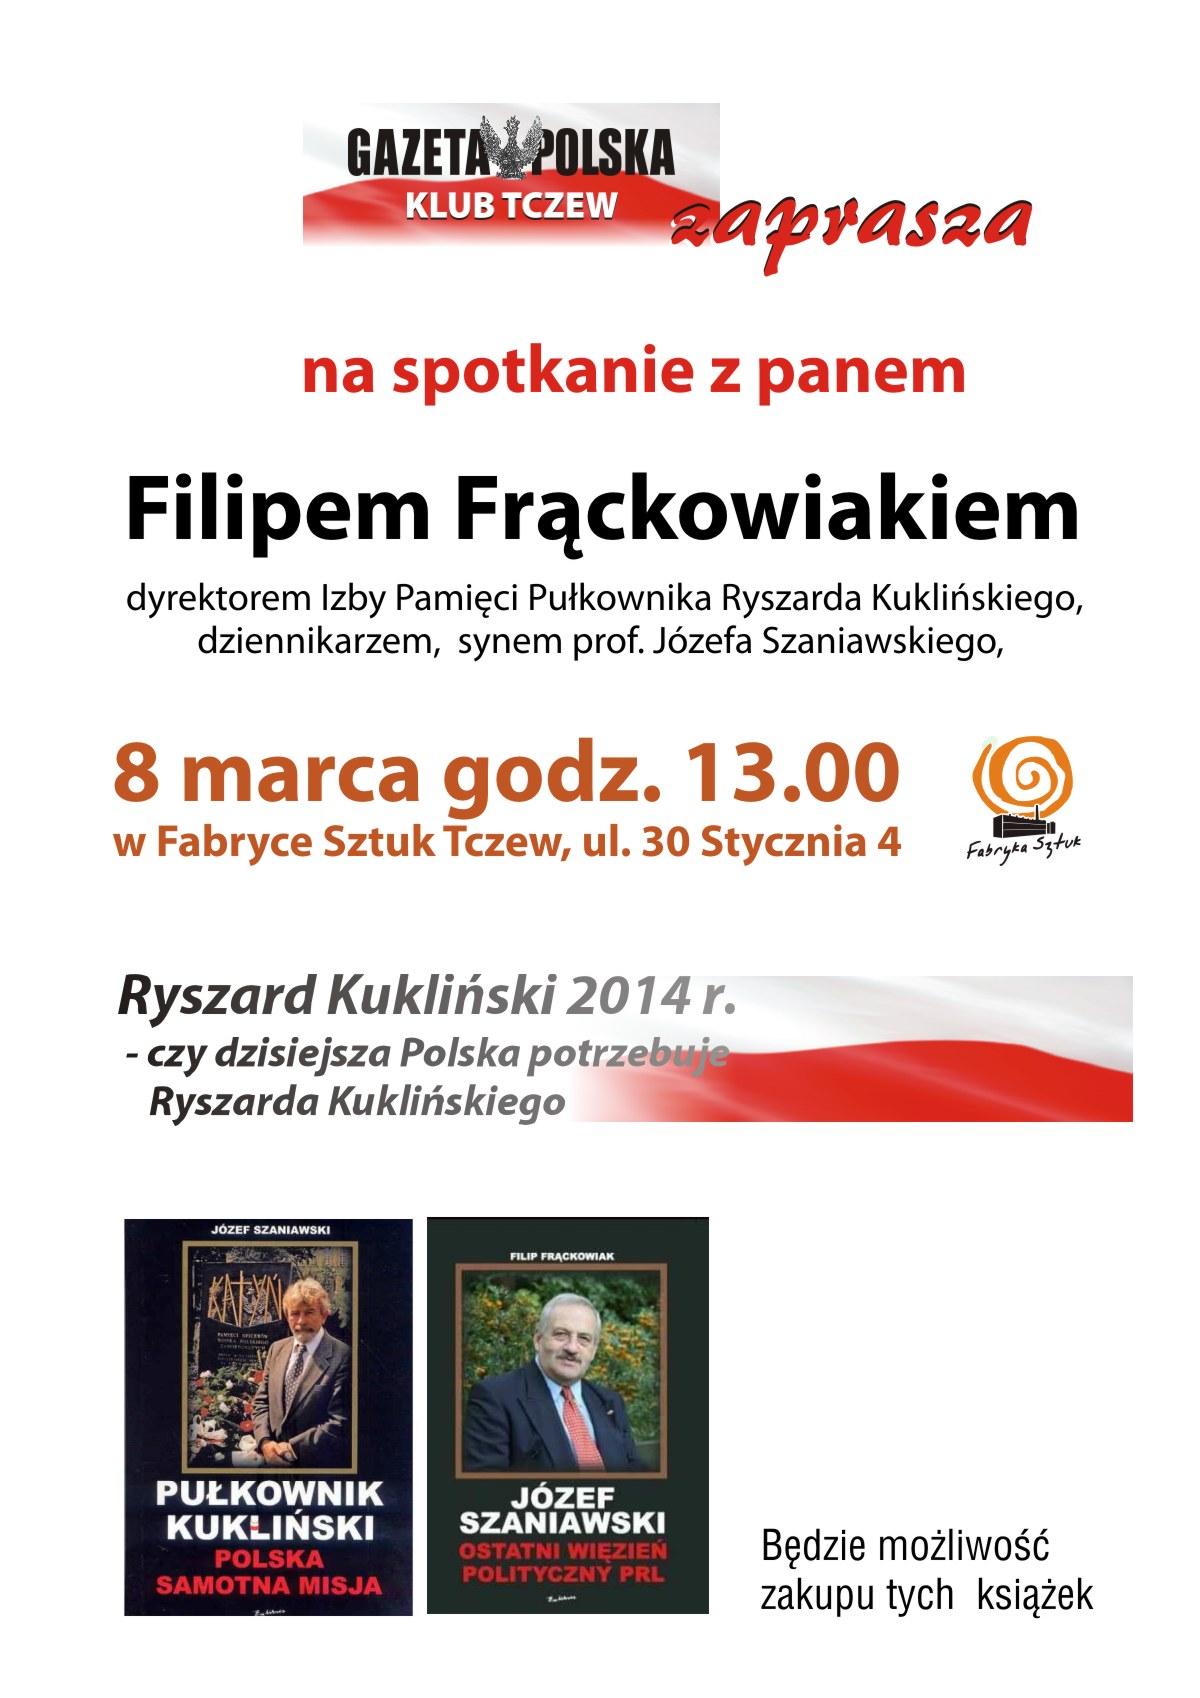 Tczew_Frackowiak